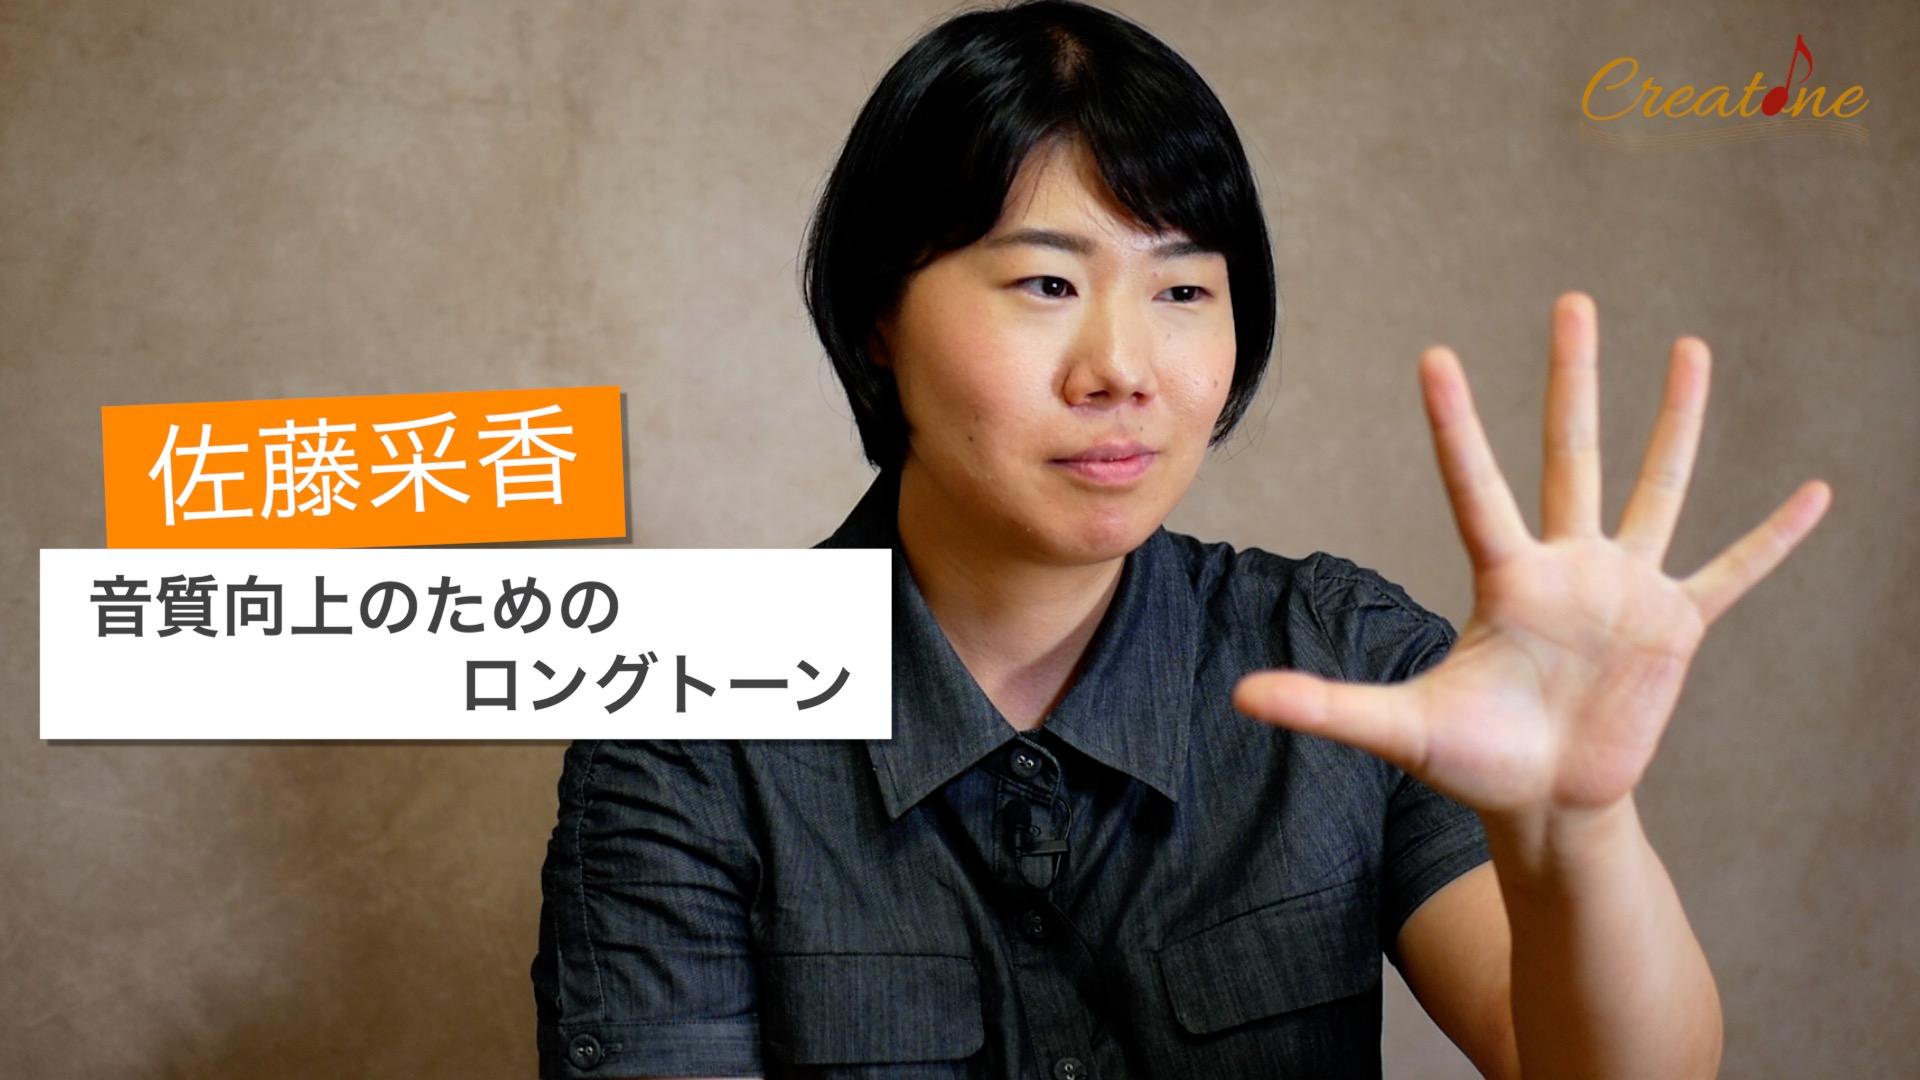 佐藤采香8 音質向上のためのロングトーン サムネ